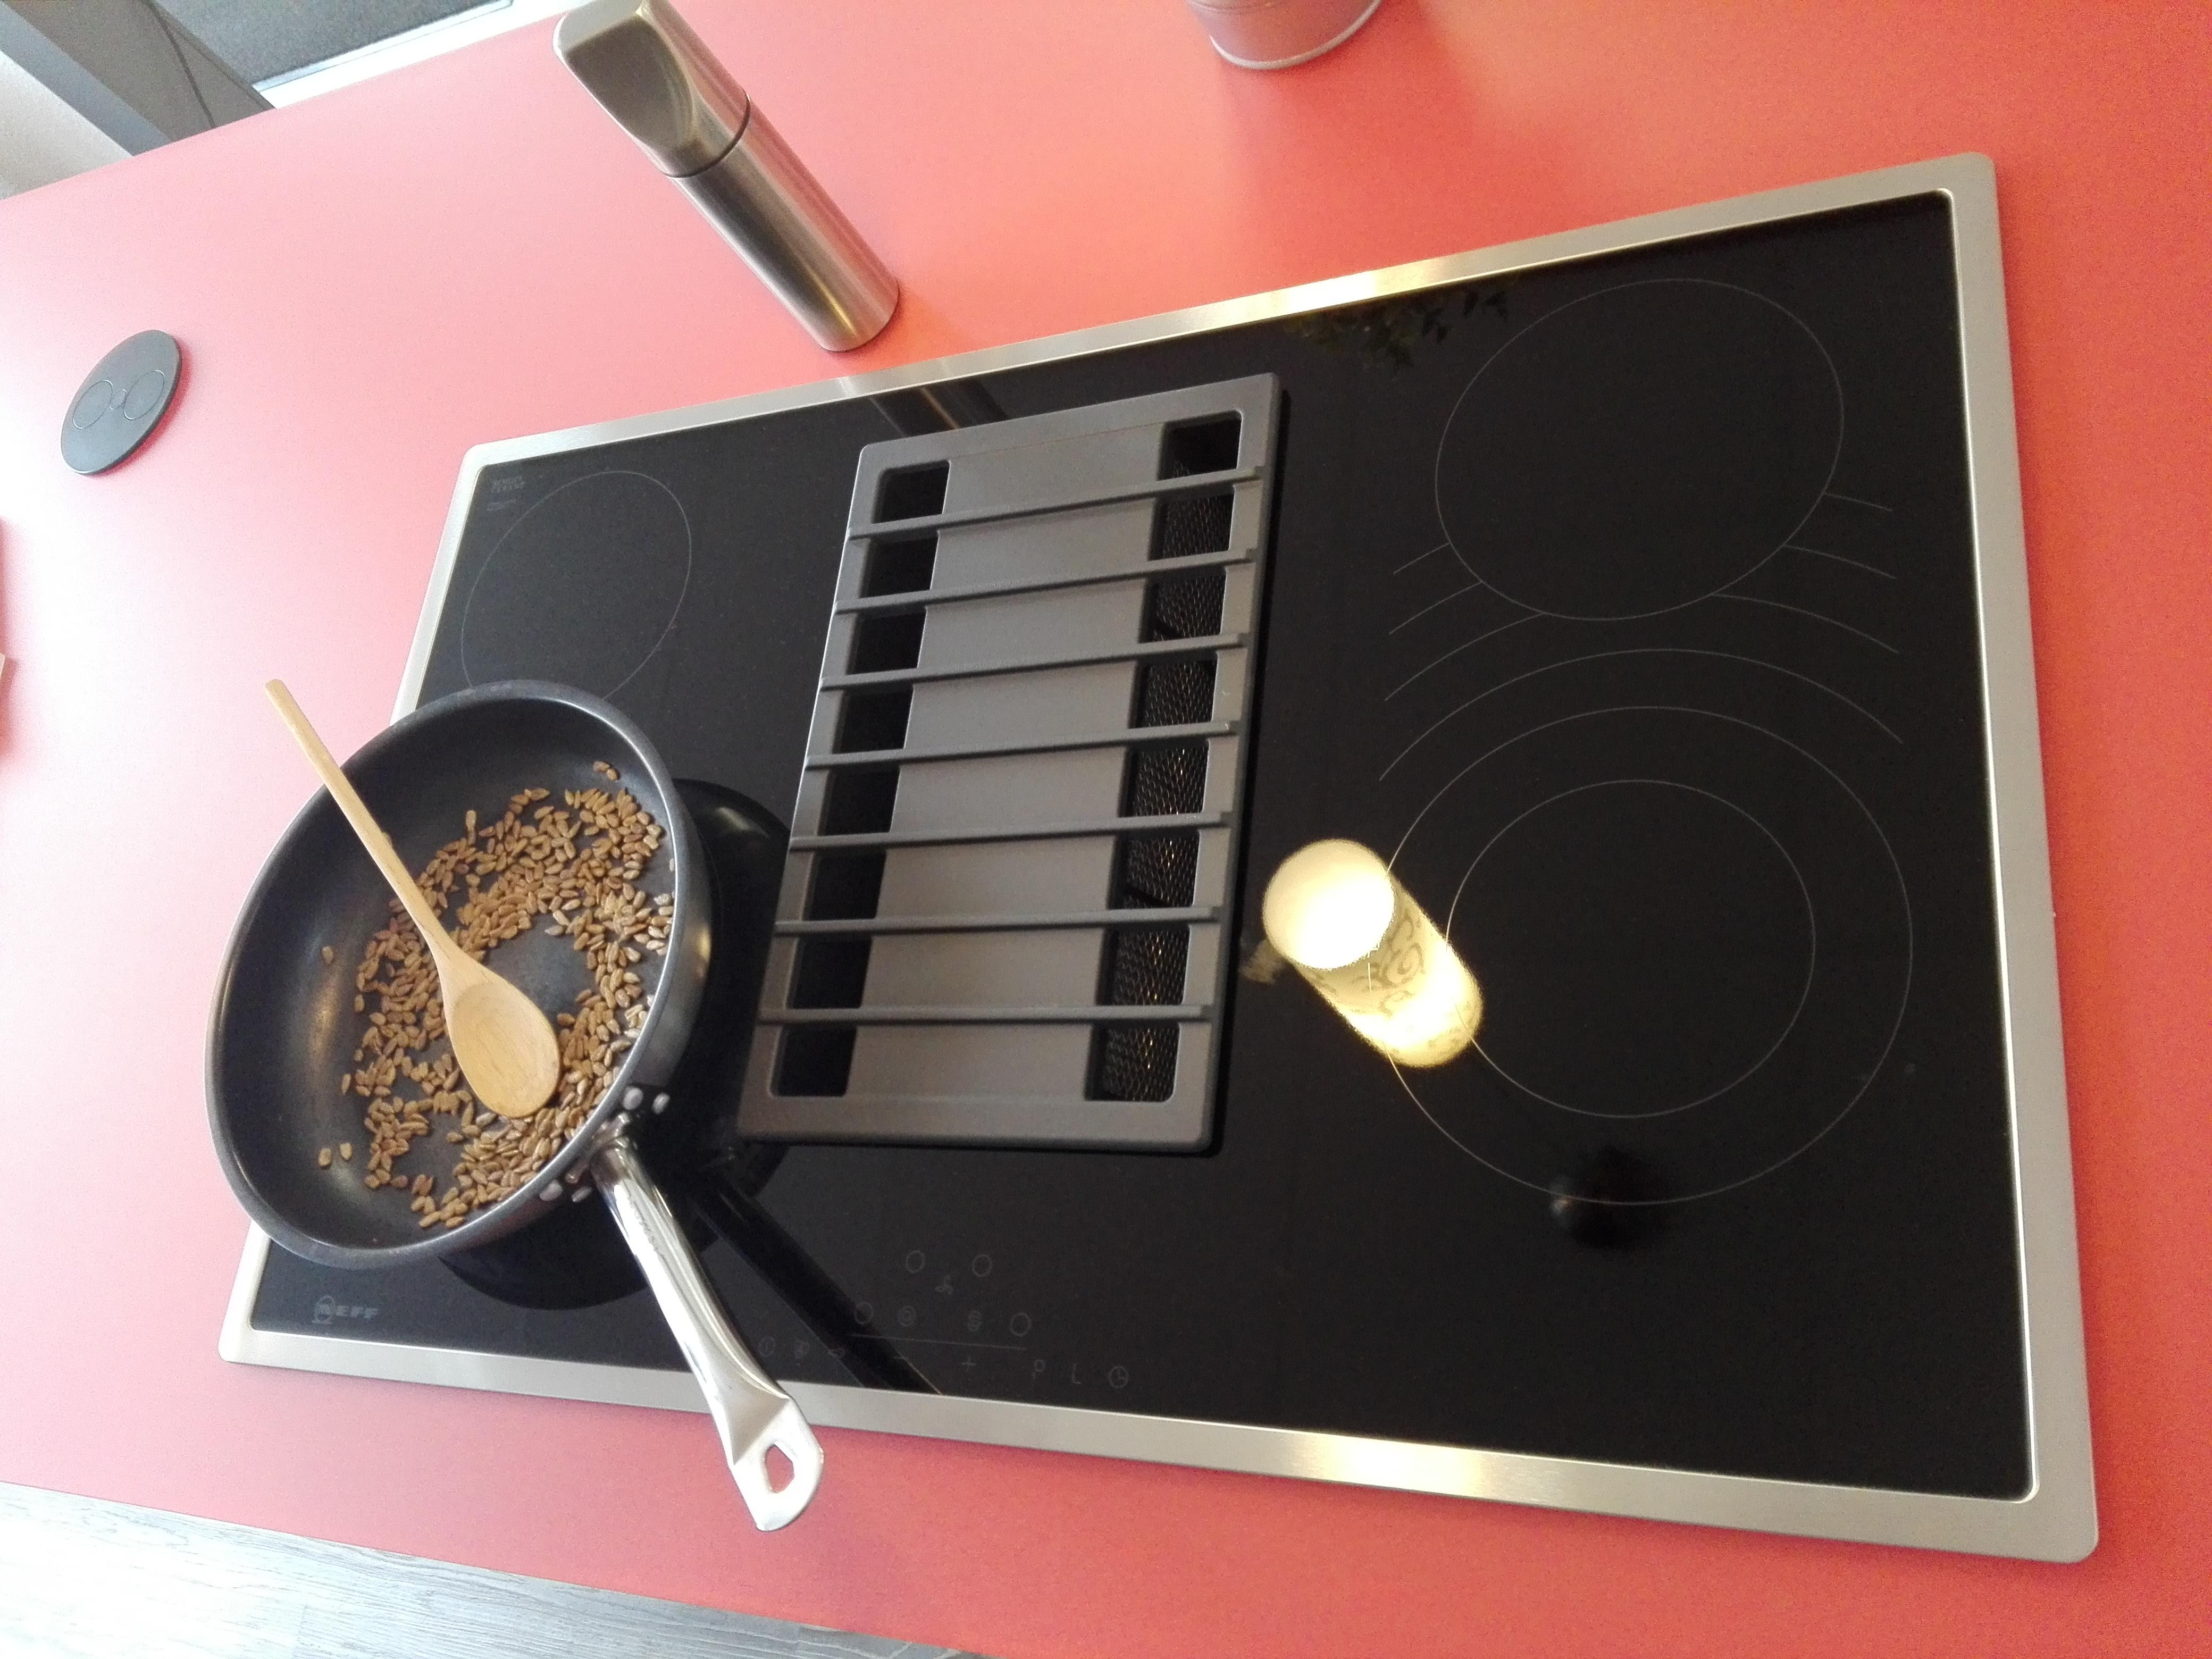 Küche 6 - NEFF Kochfeld mit integrierter Dunstabzugshaube (Muldenlüfter), oben links erkennbar die TWIST Arbeitsplattensteckdose